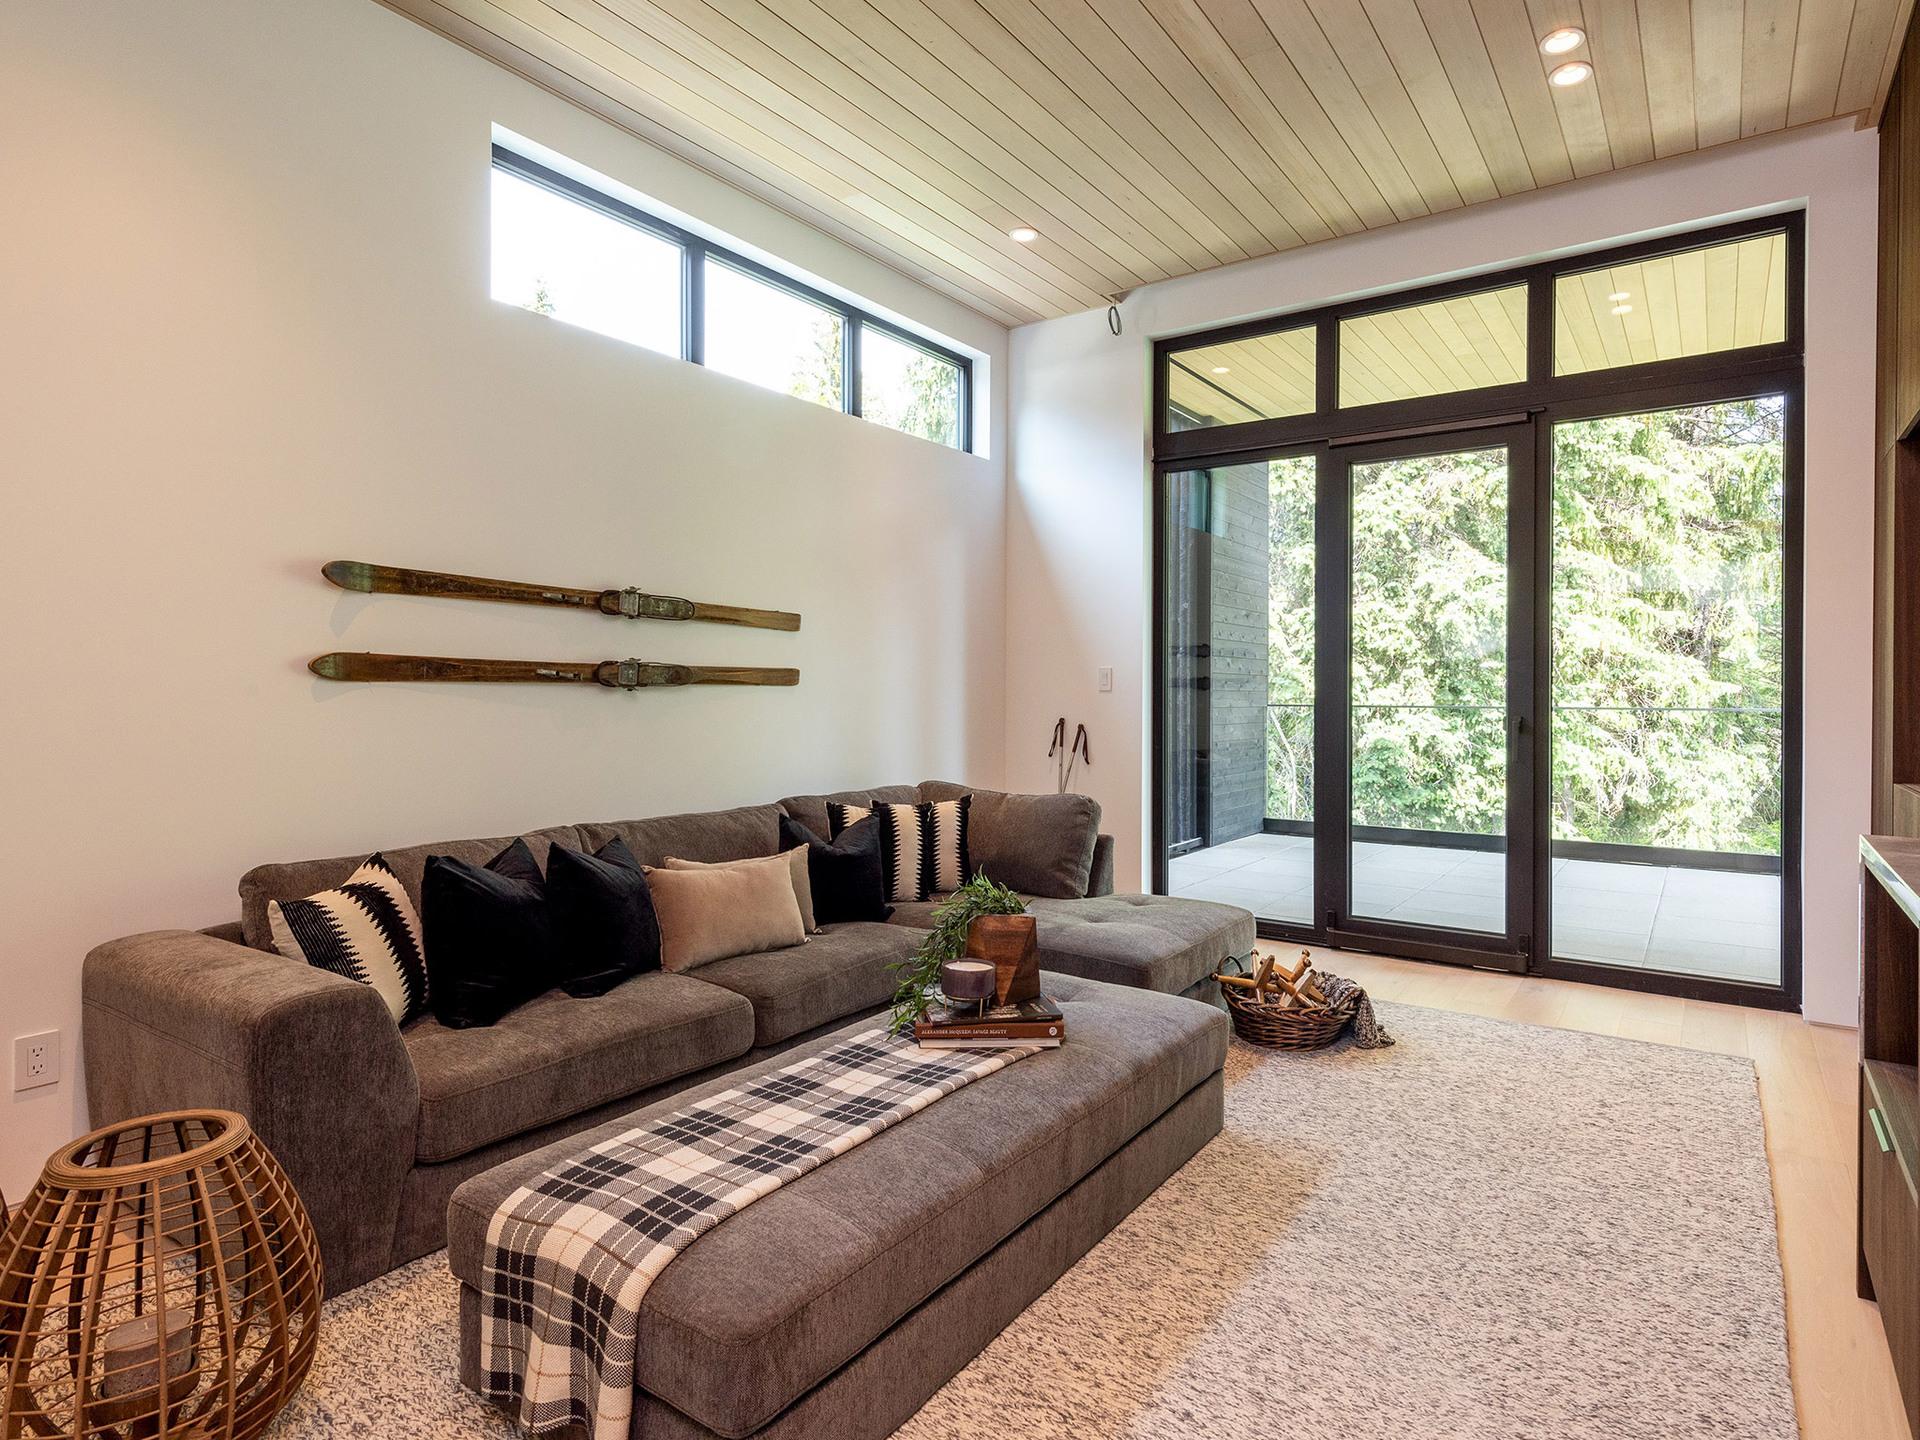 m13 at 8043 Cypress Place, Green Lake Estates, Whistler